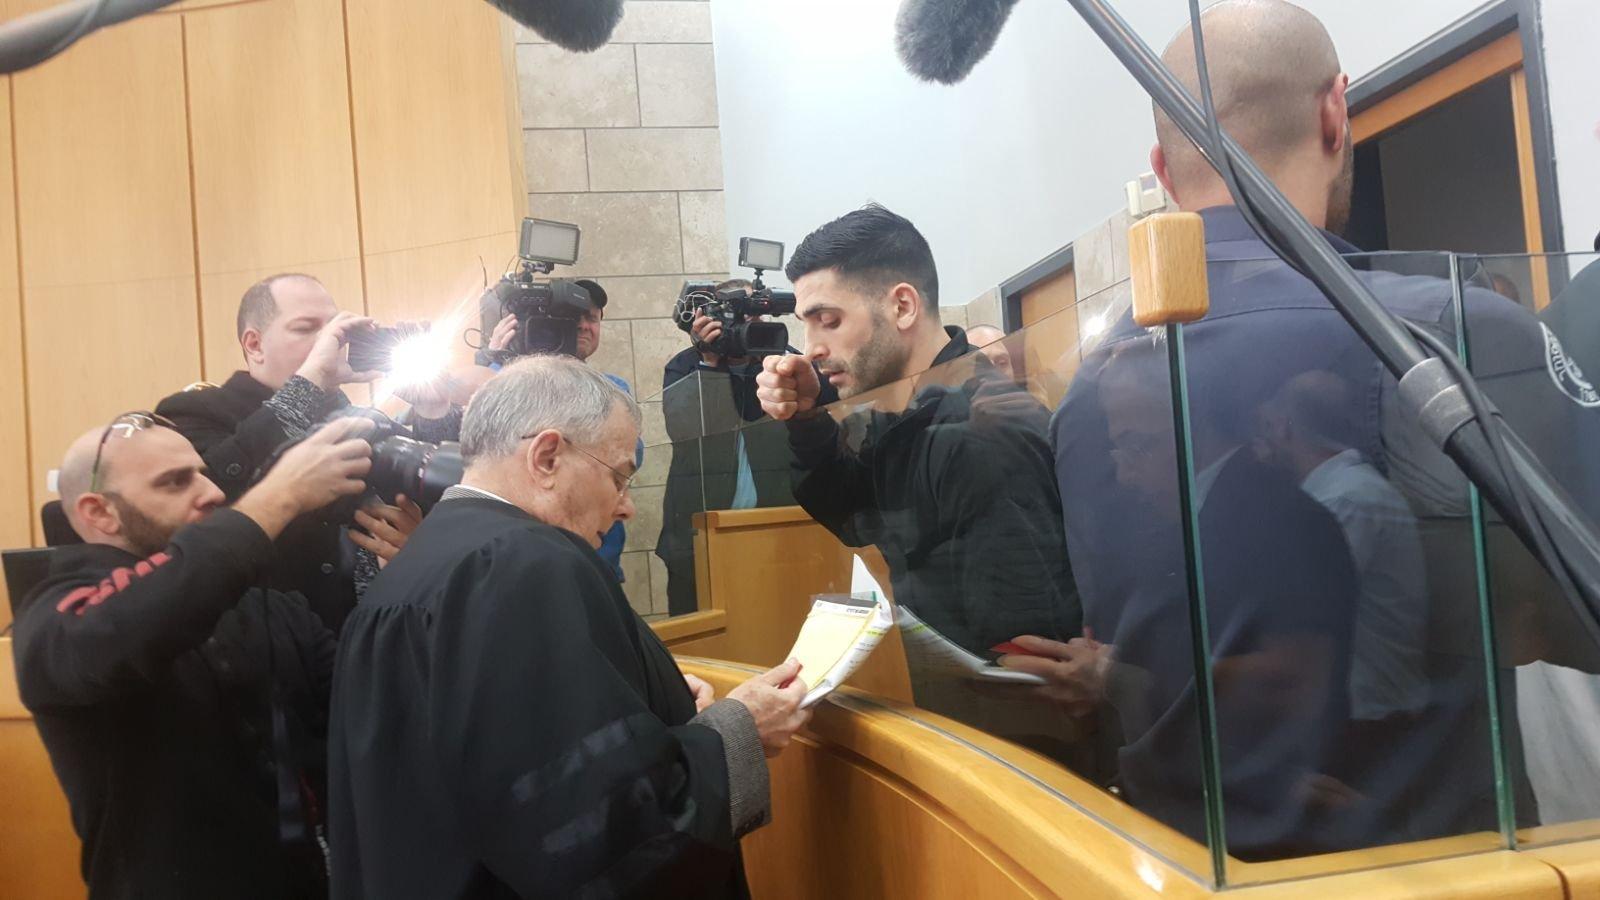 لوائح اتهام ضد 5 شبان من الغجر ويركا بشبهة التخابر مع حزب الله